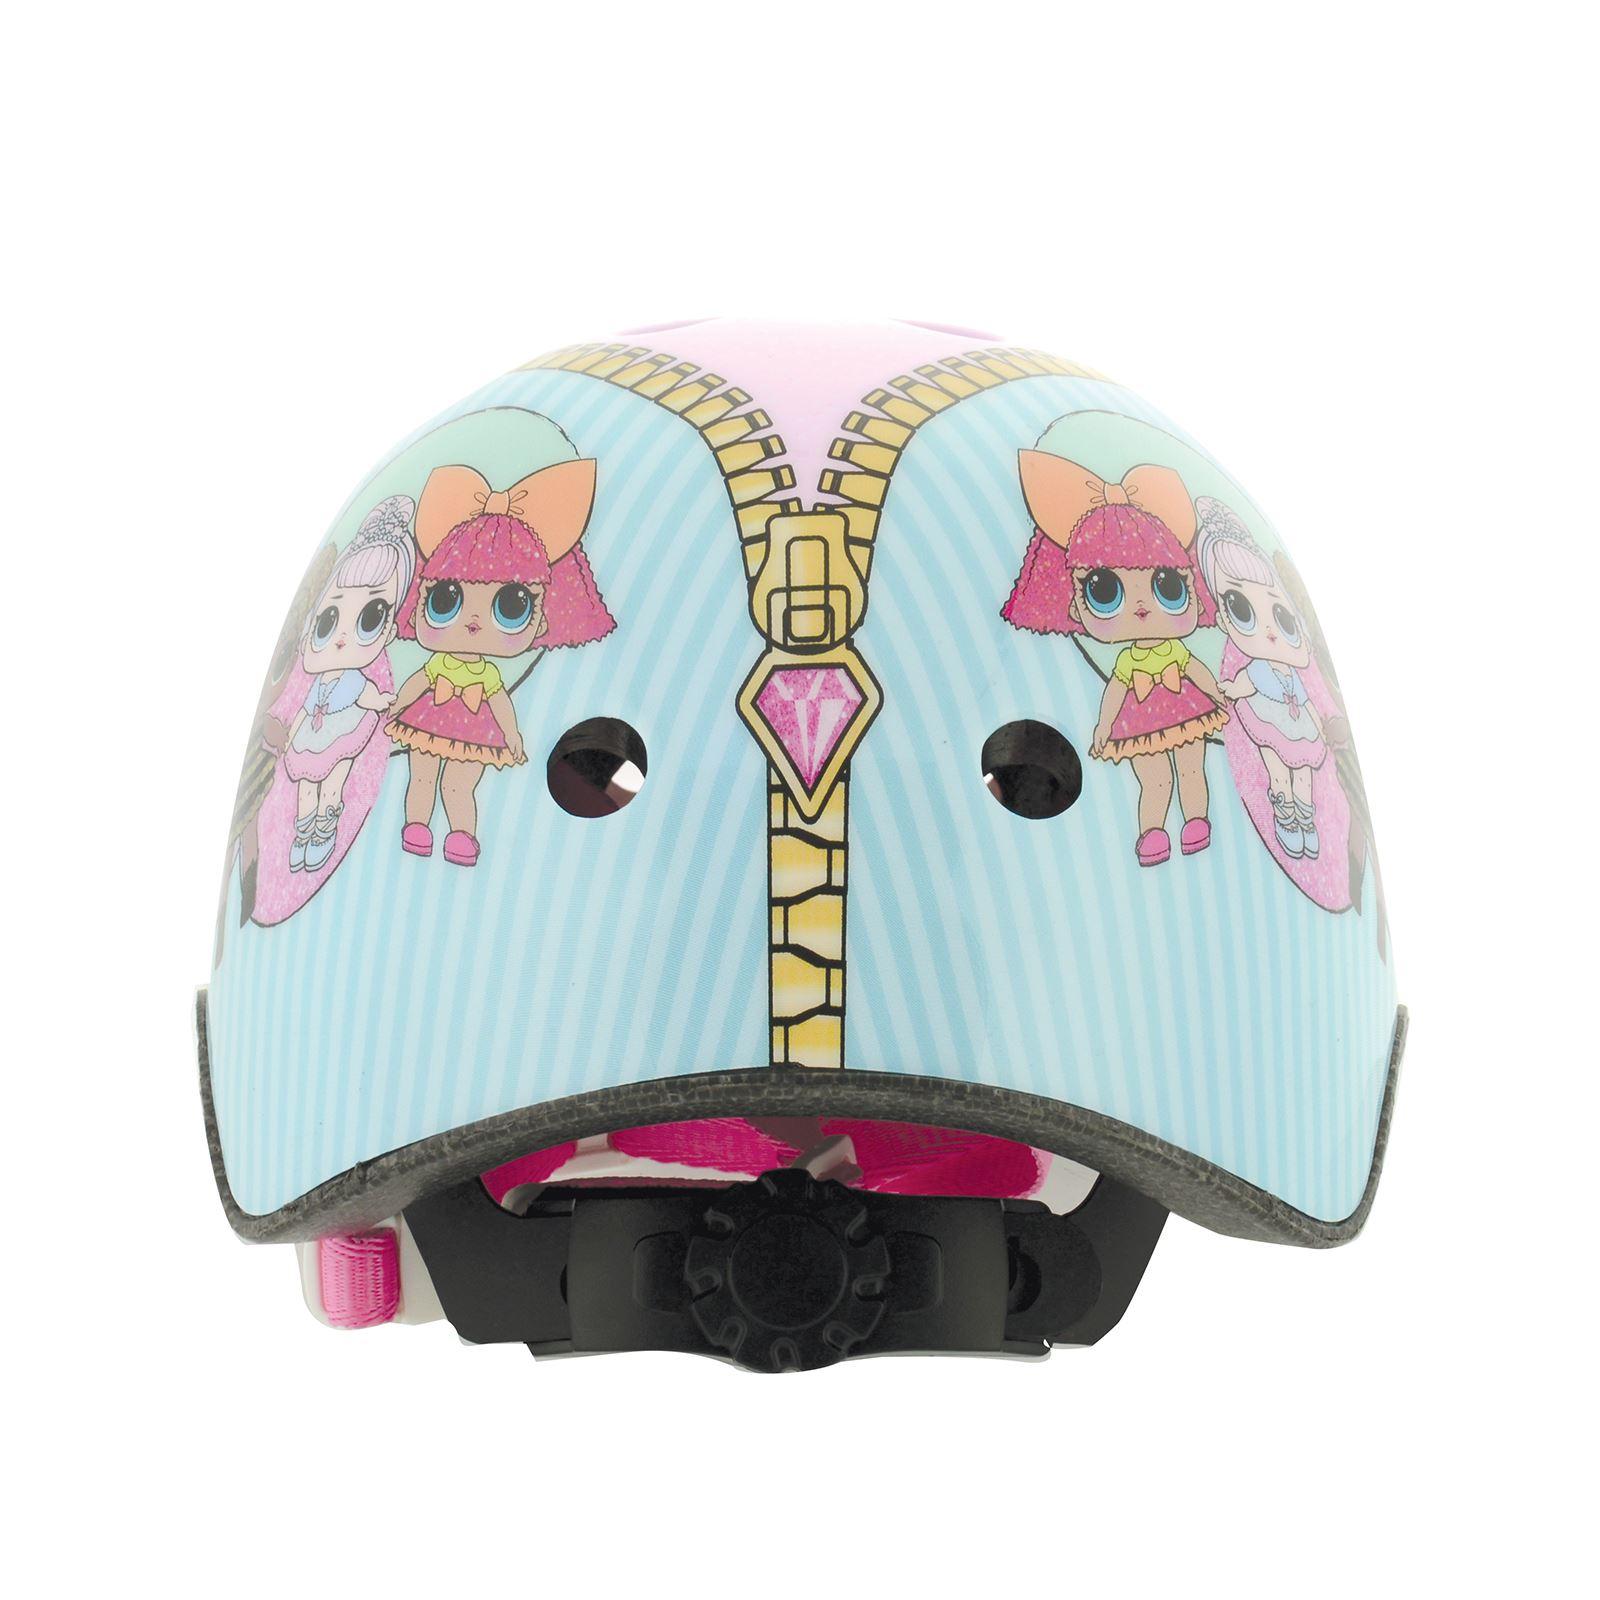 Kinder-Disney-Charakter-Sicherheit-Zyklus-Fahrrad-Helme-Peppa-Pig-PJ-Masken-amp-mehr Indexbild 6